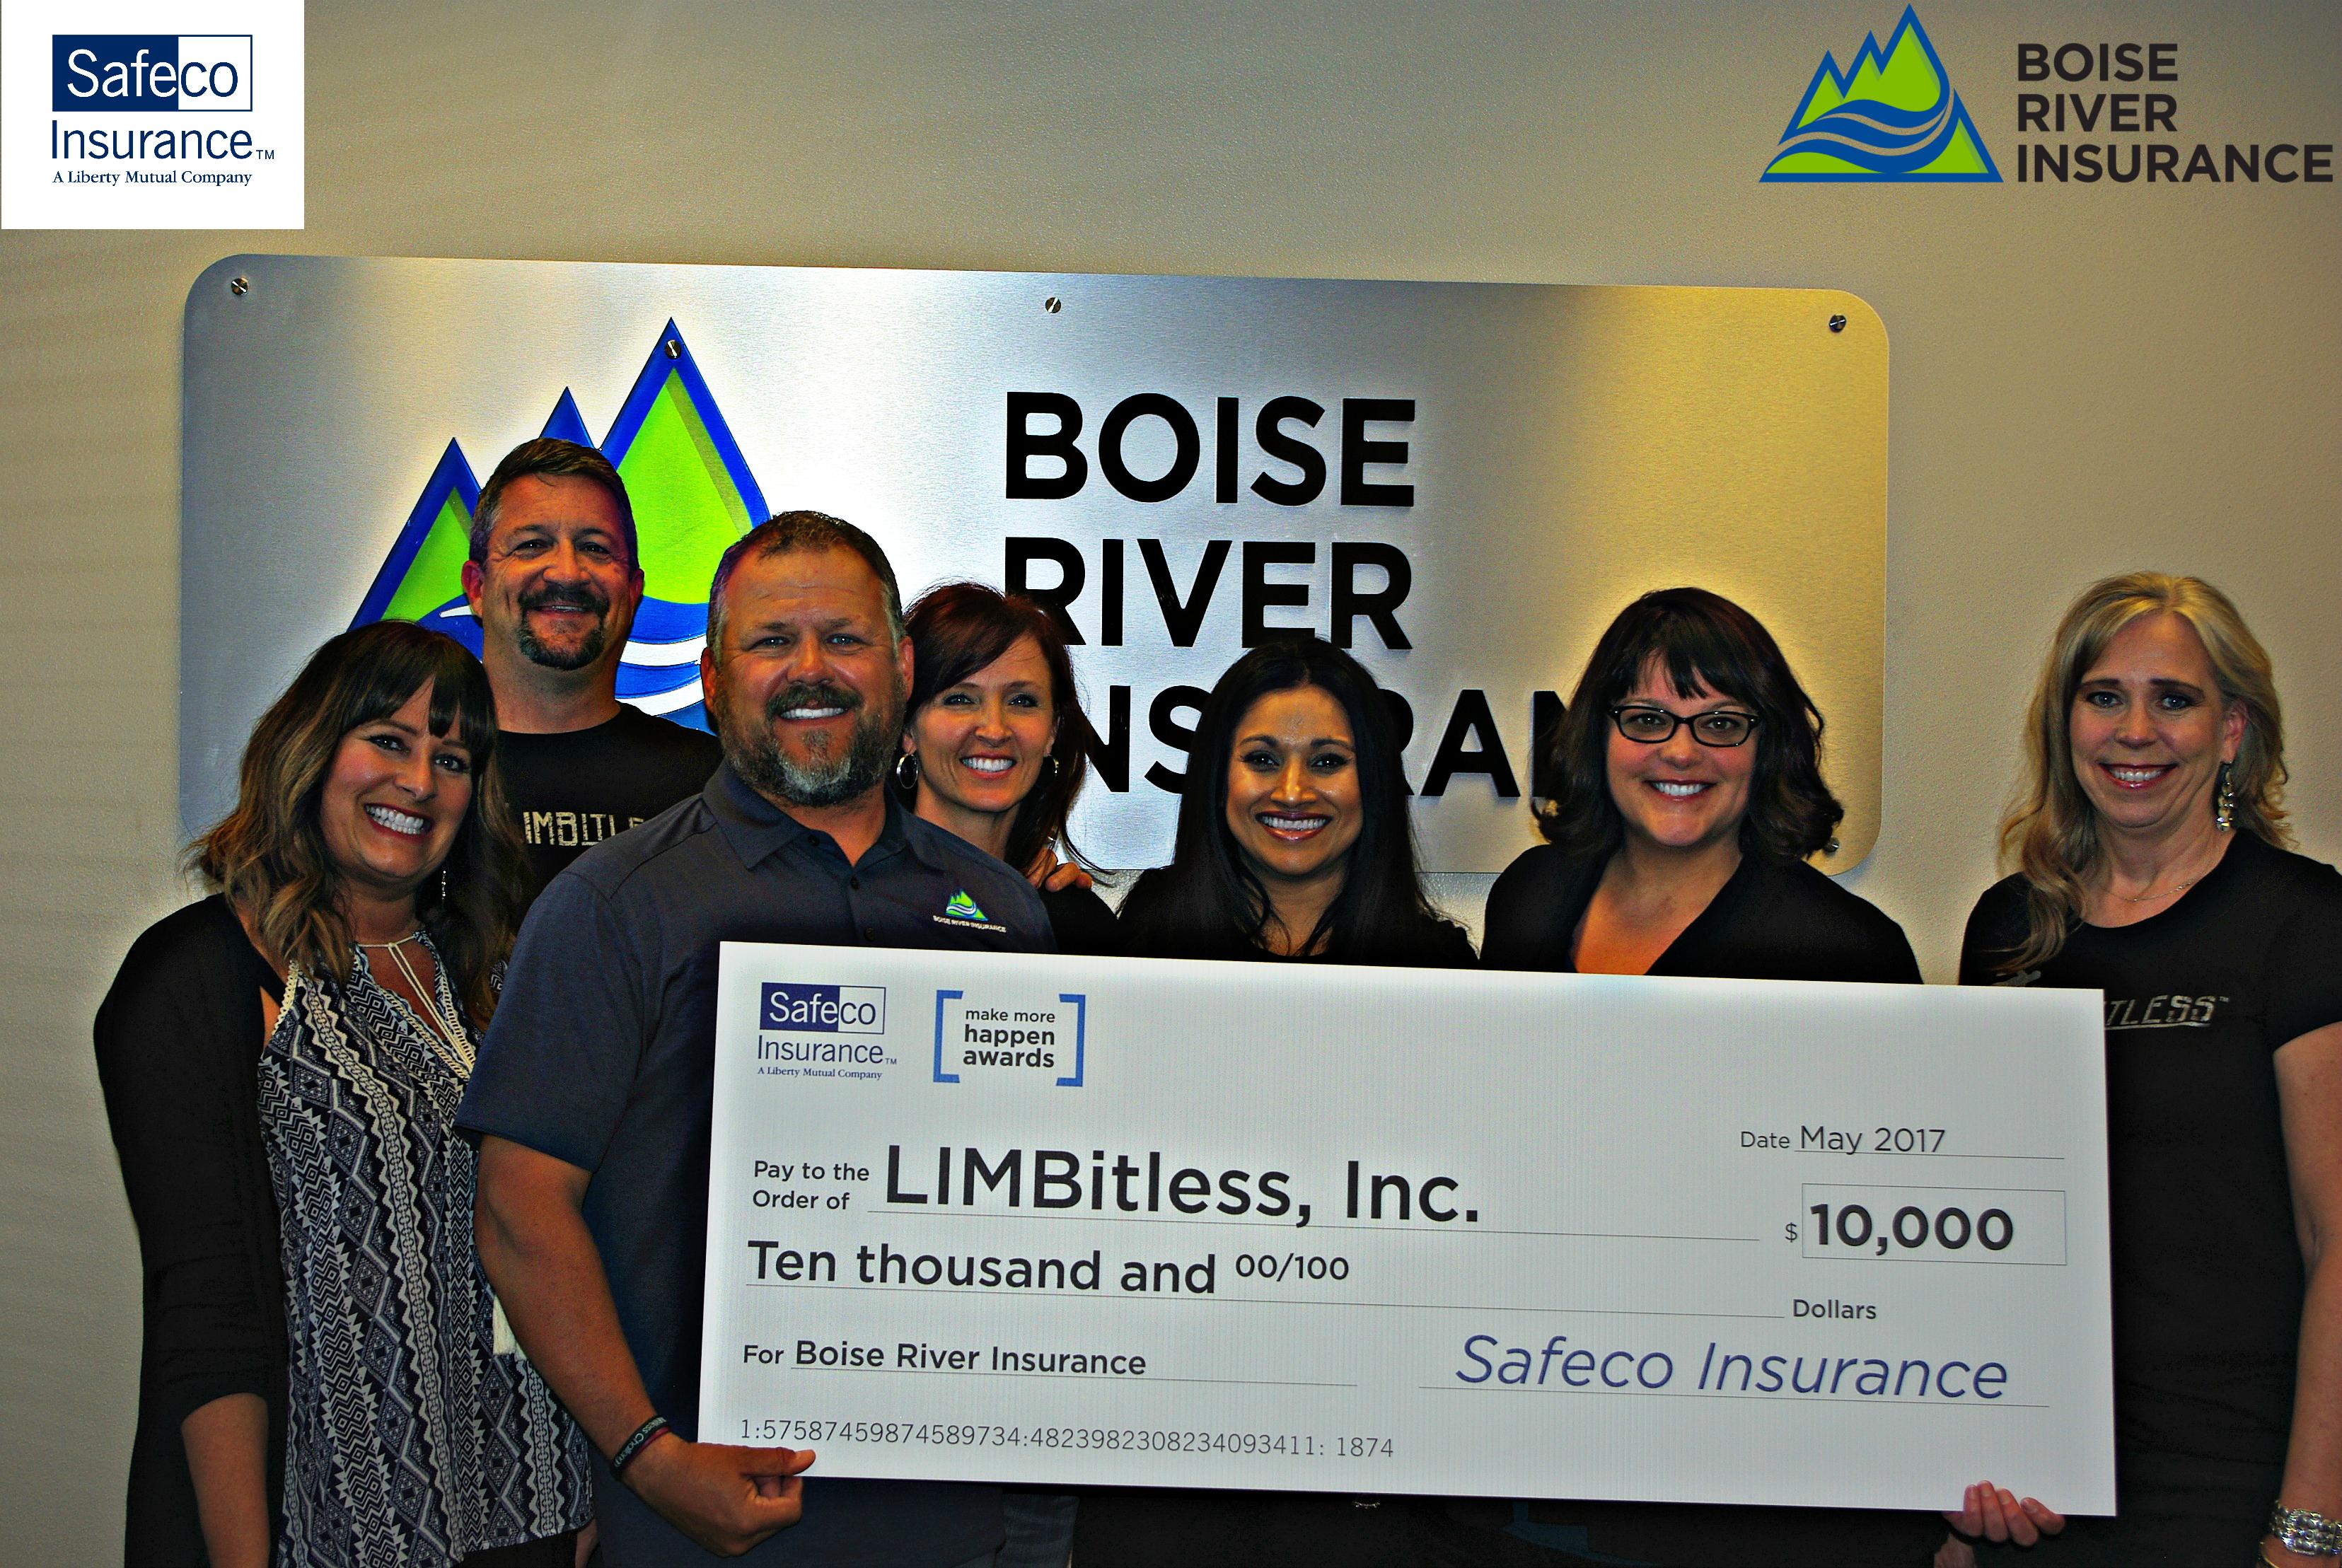 Boise River Insurance